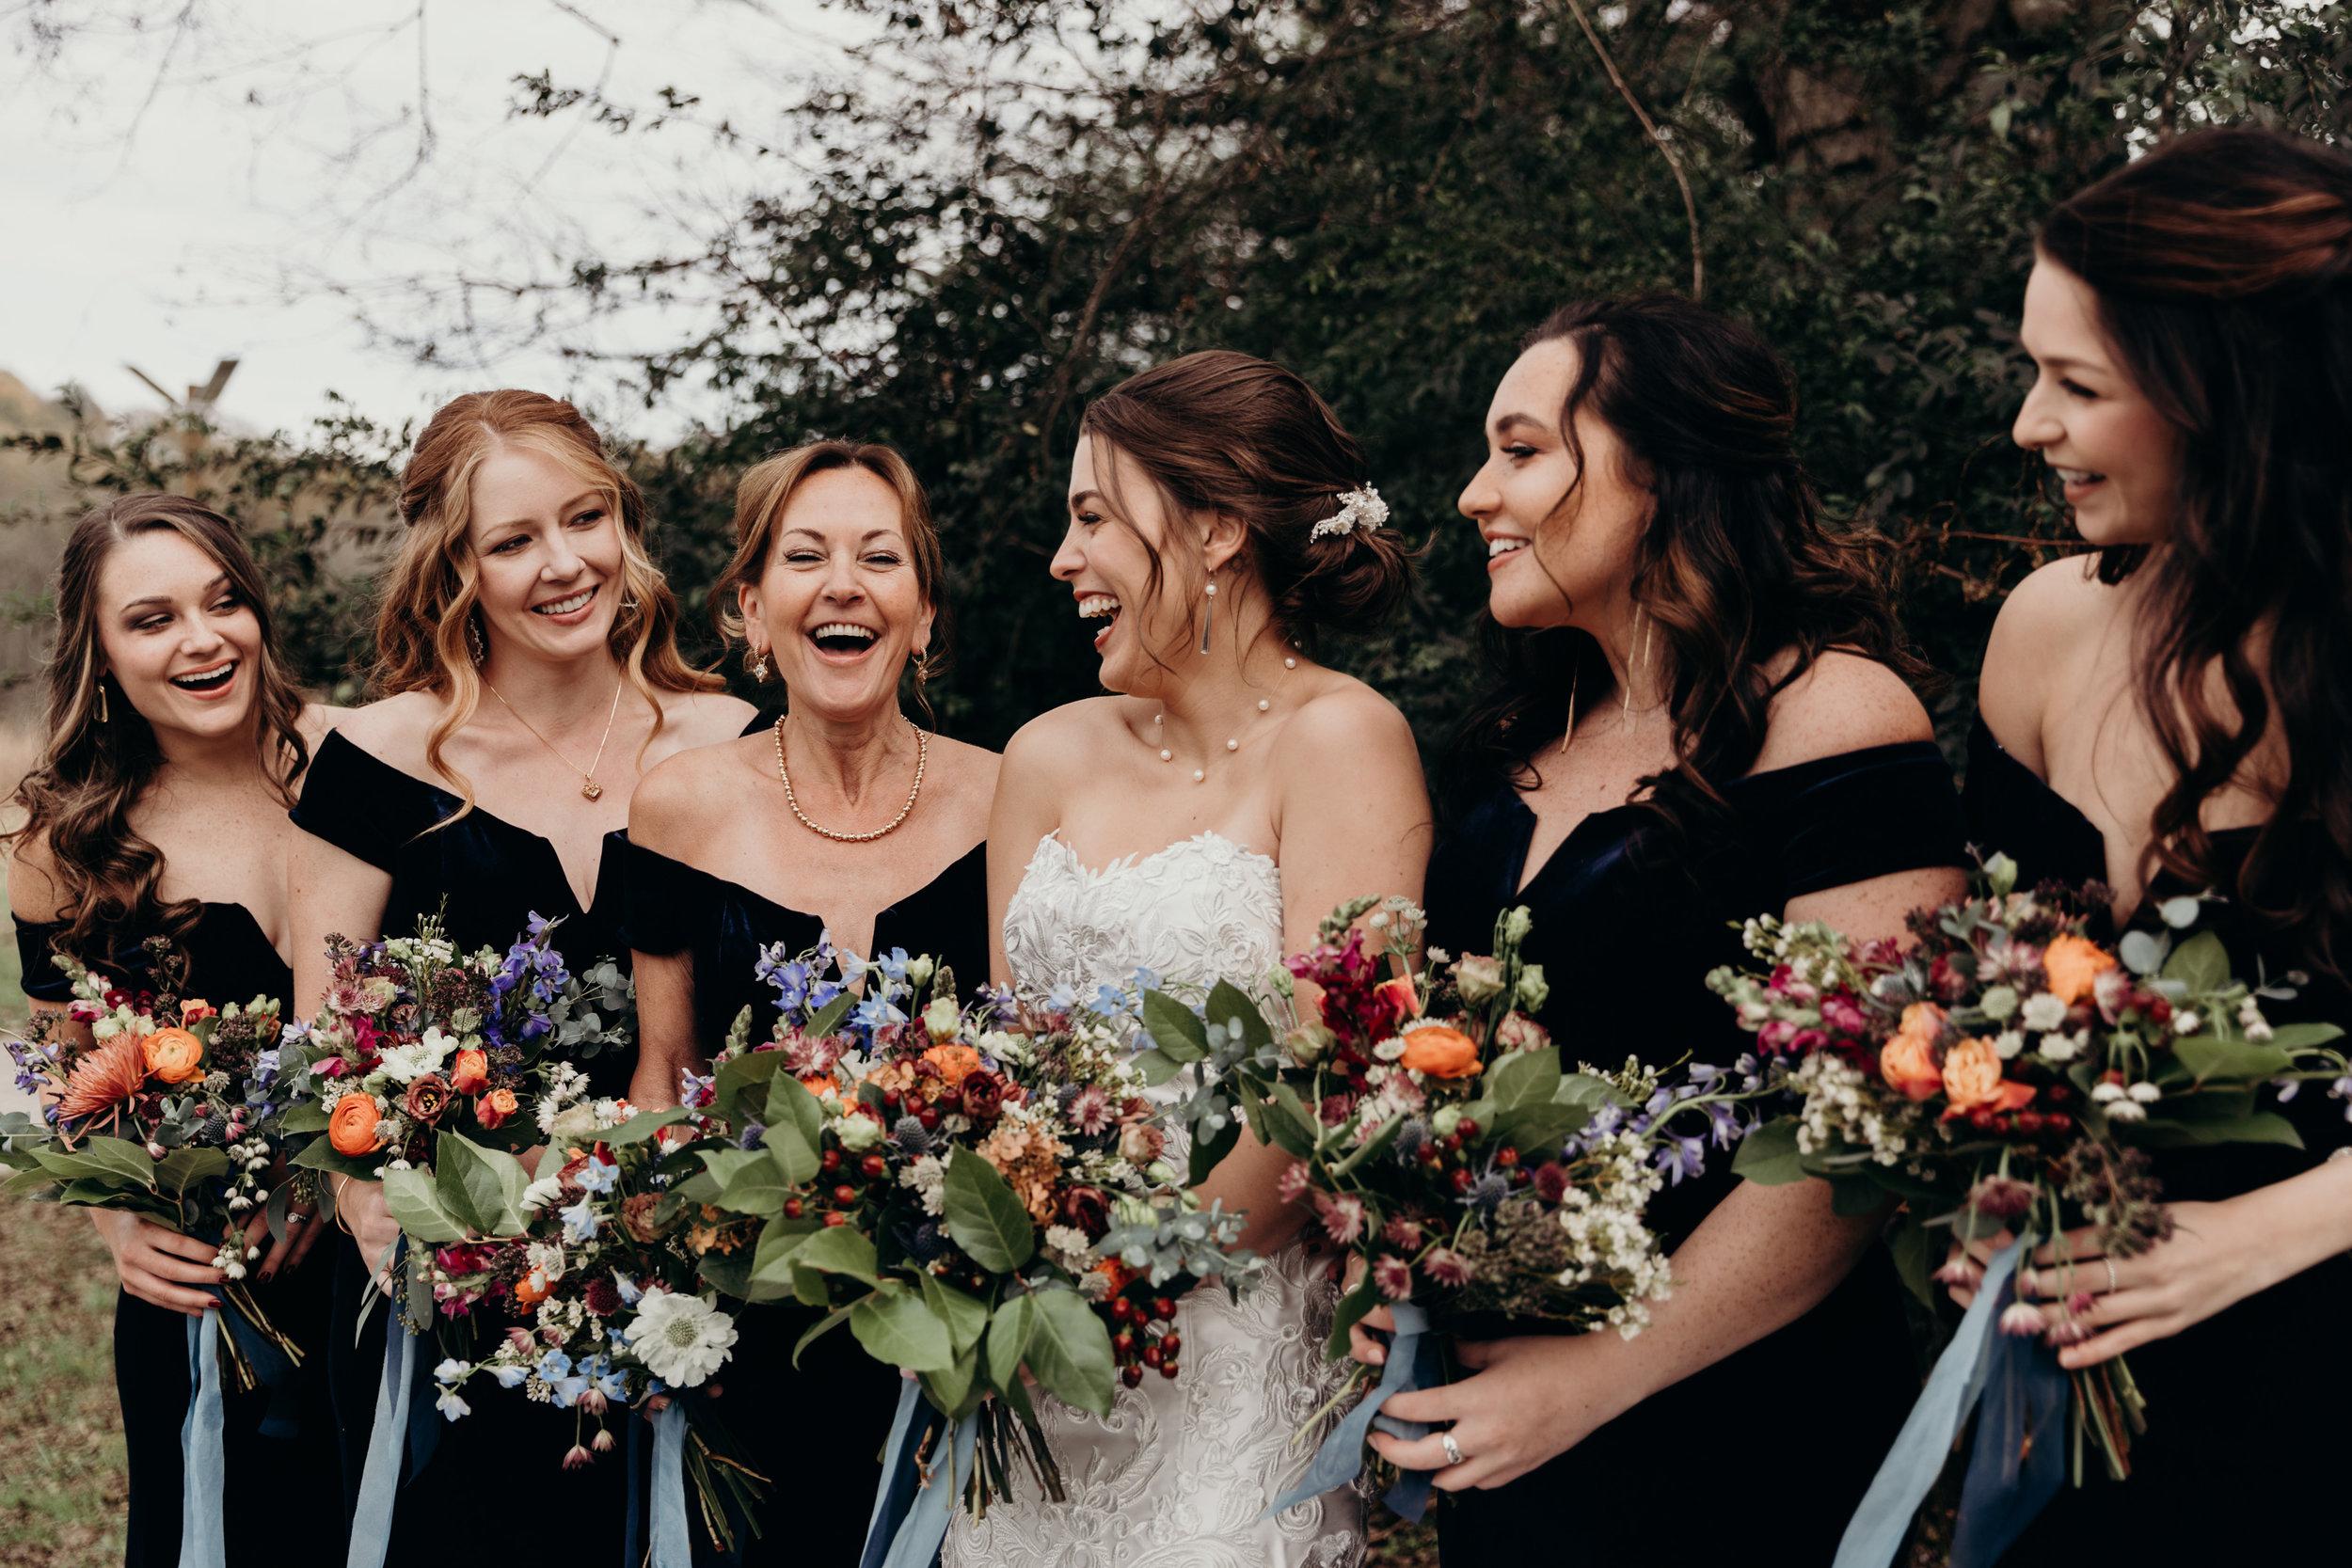 304-ltw-morgan-adam-wedding.jpg